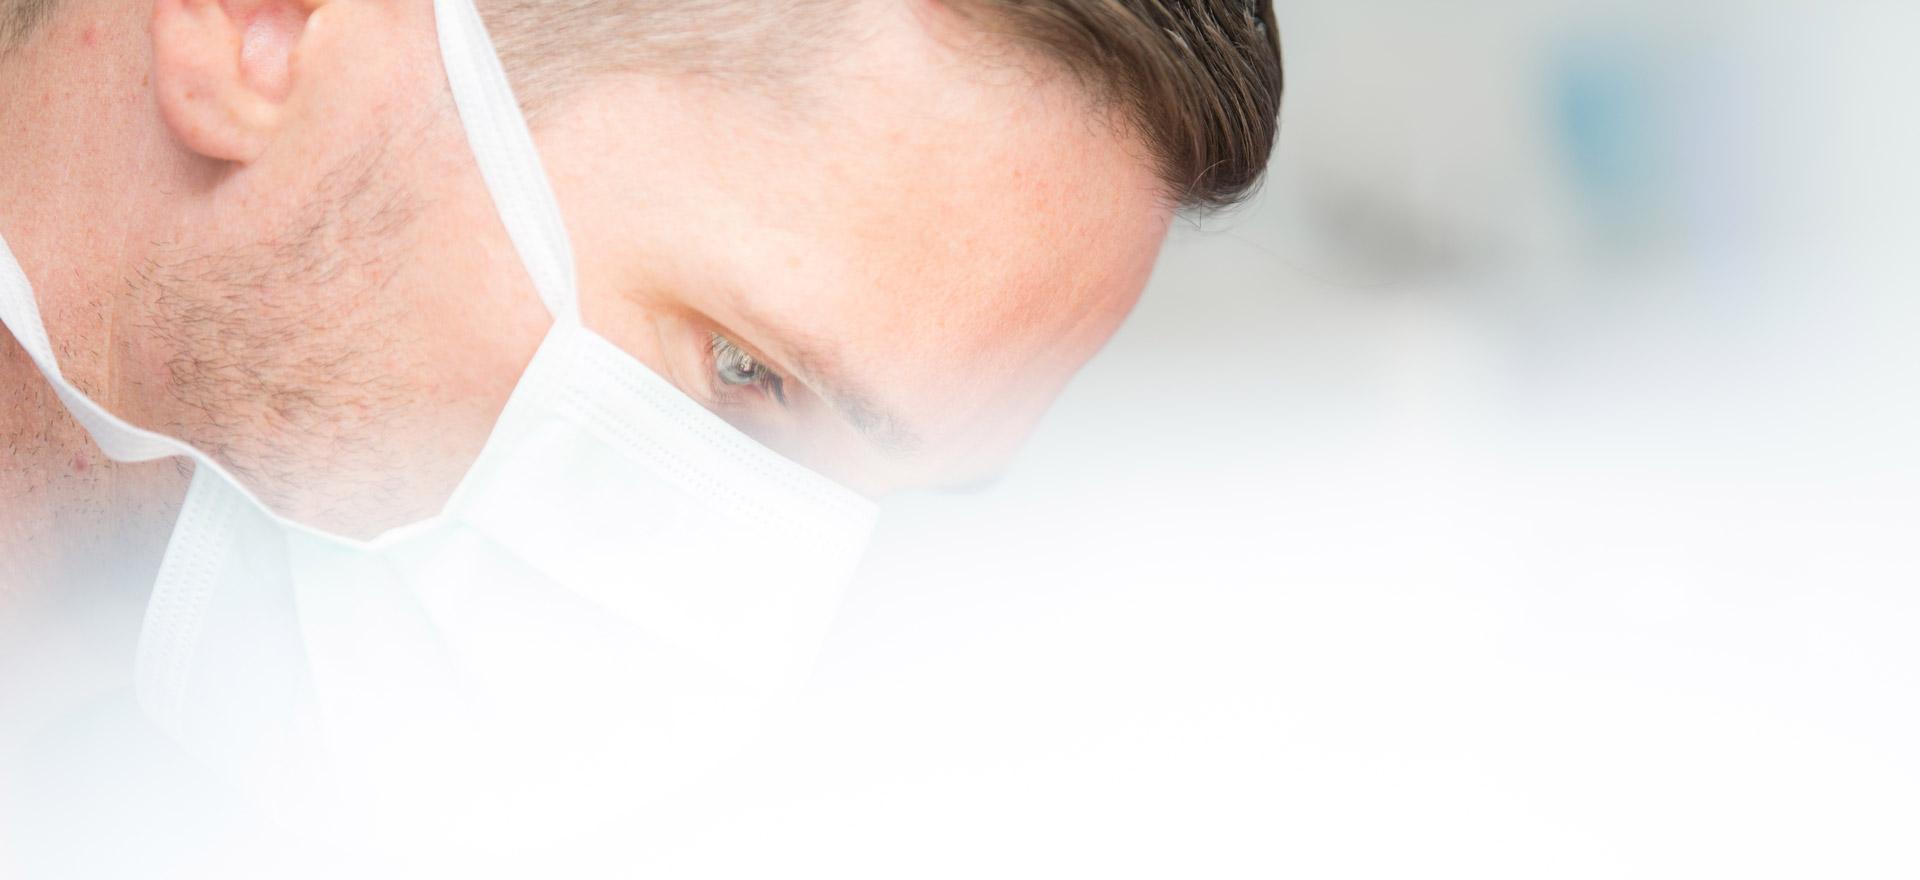 Zahnarzt Tobias Dieke trägt bei der OP einen Mundschutz.